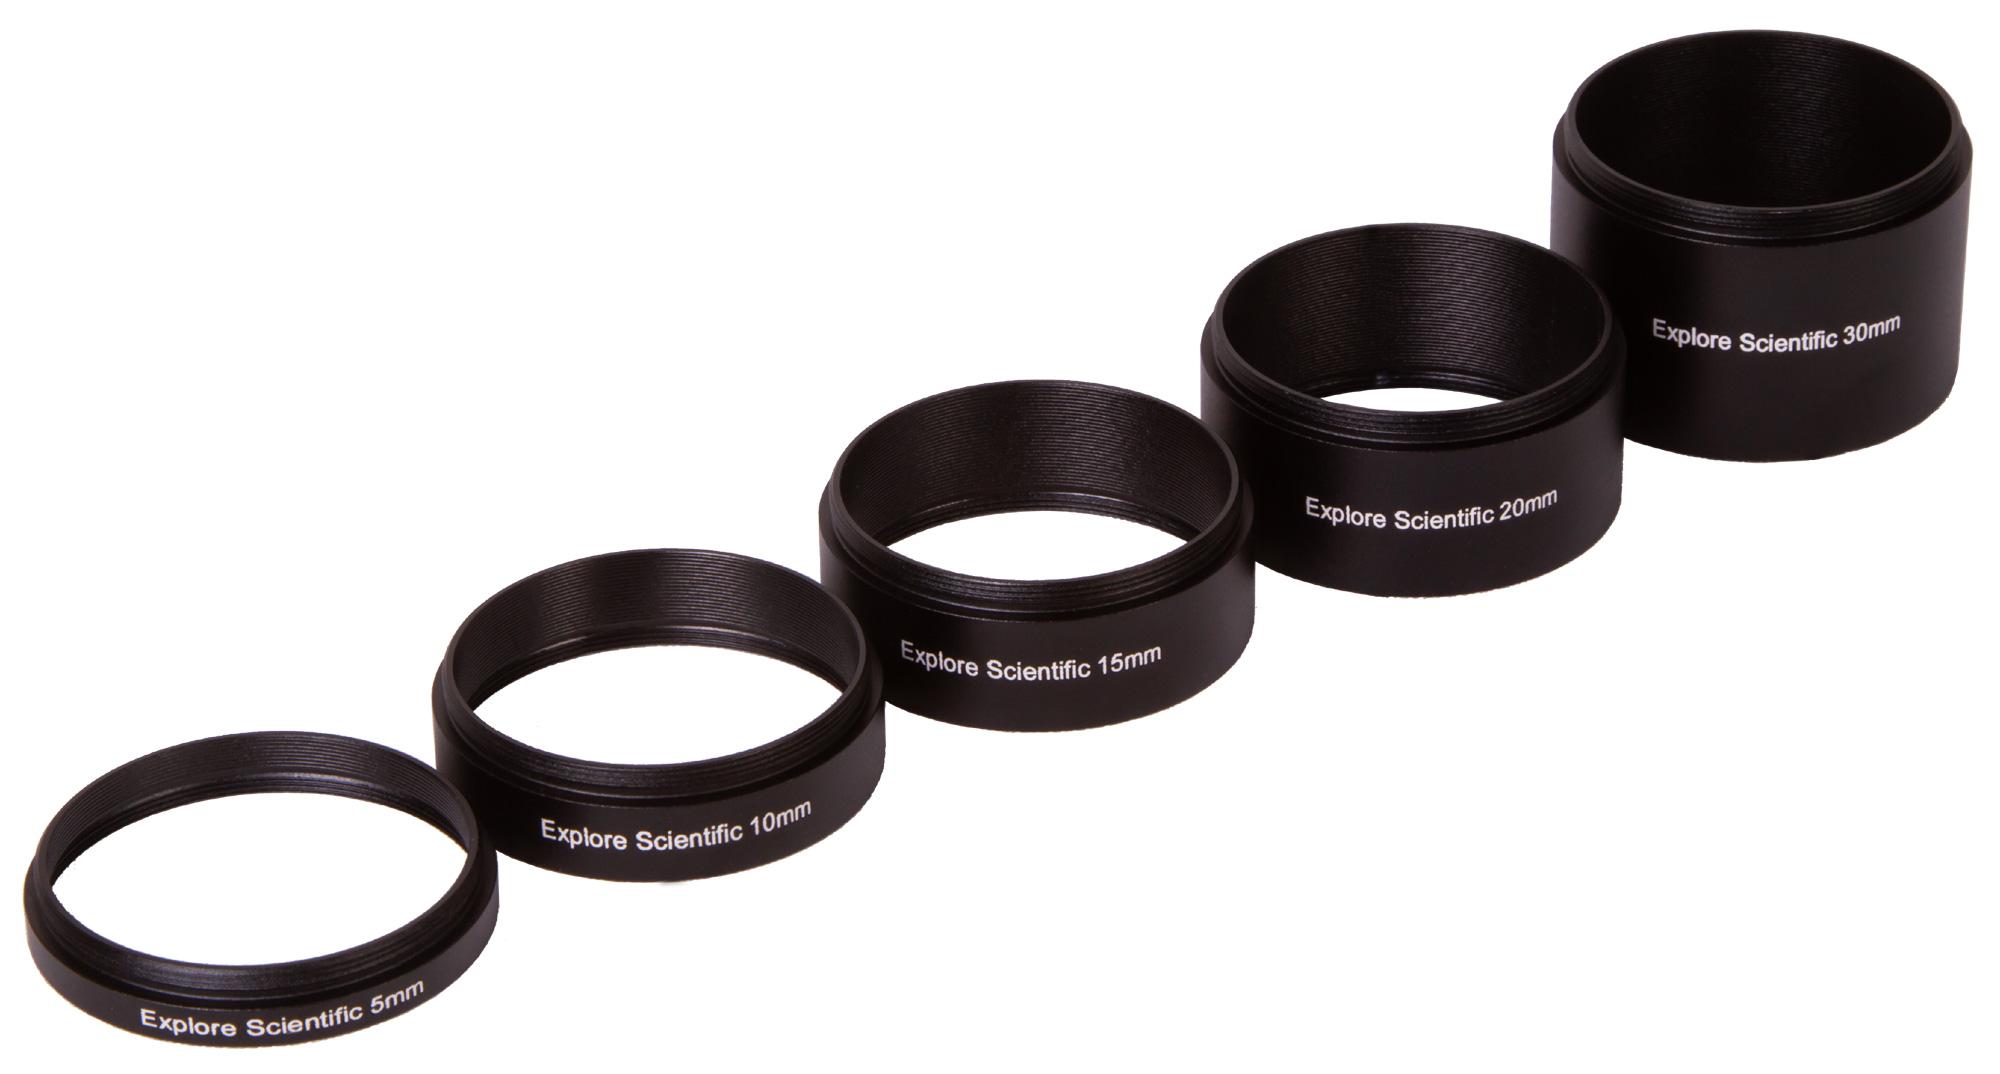 Картинка для Набор удлинительных колец Explore Scientific M48x0,75 (30, 20, 15, 10, 5 мм)